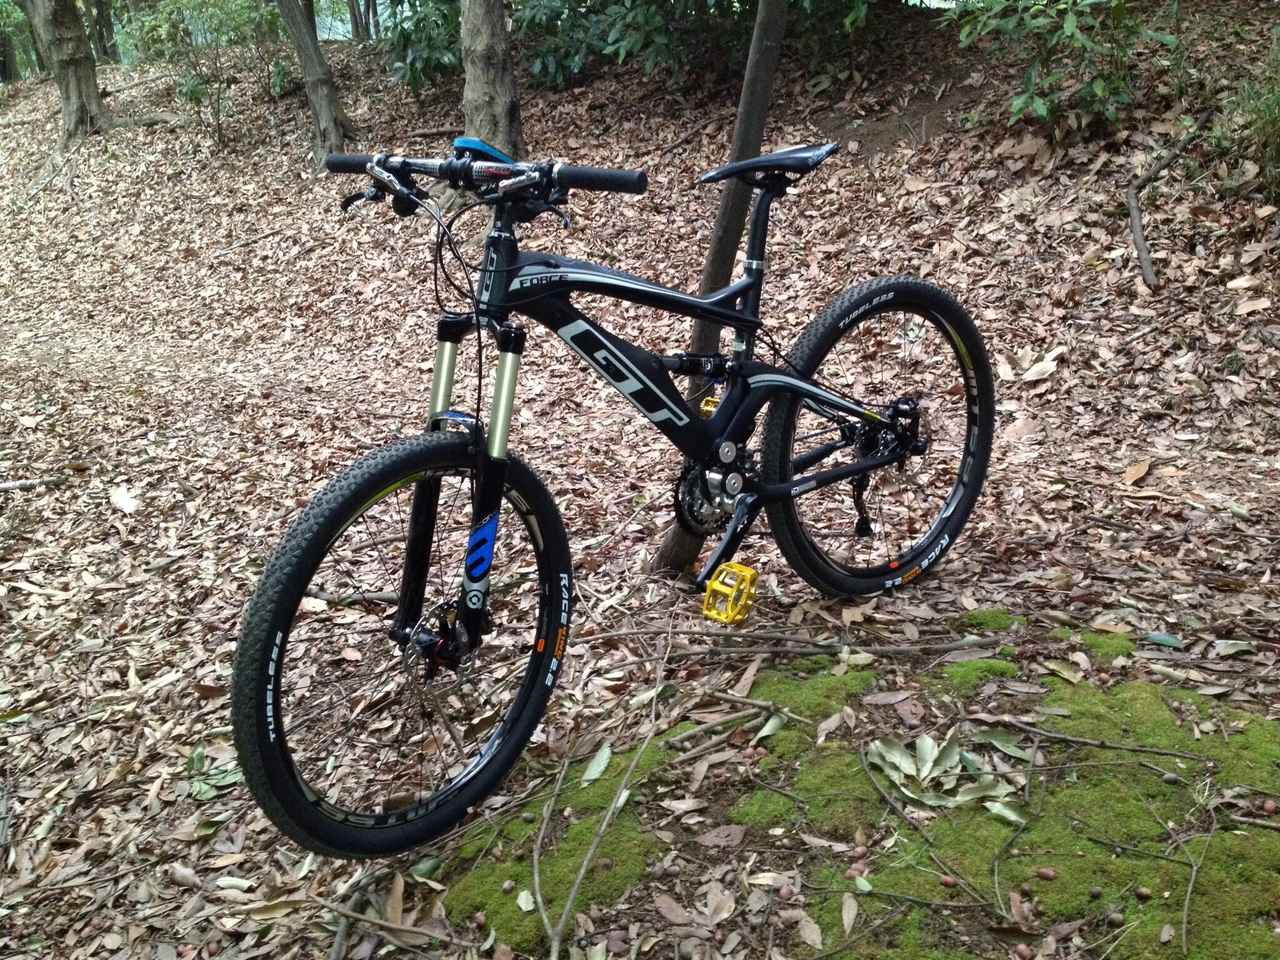 画像: 【MTB(マウンテンバイク)のメリット・デメリット】アウトドアでも山道などで使用したい方におすすめな自転車